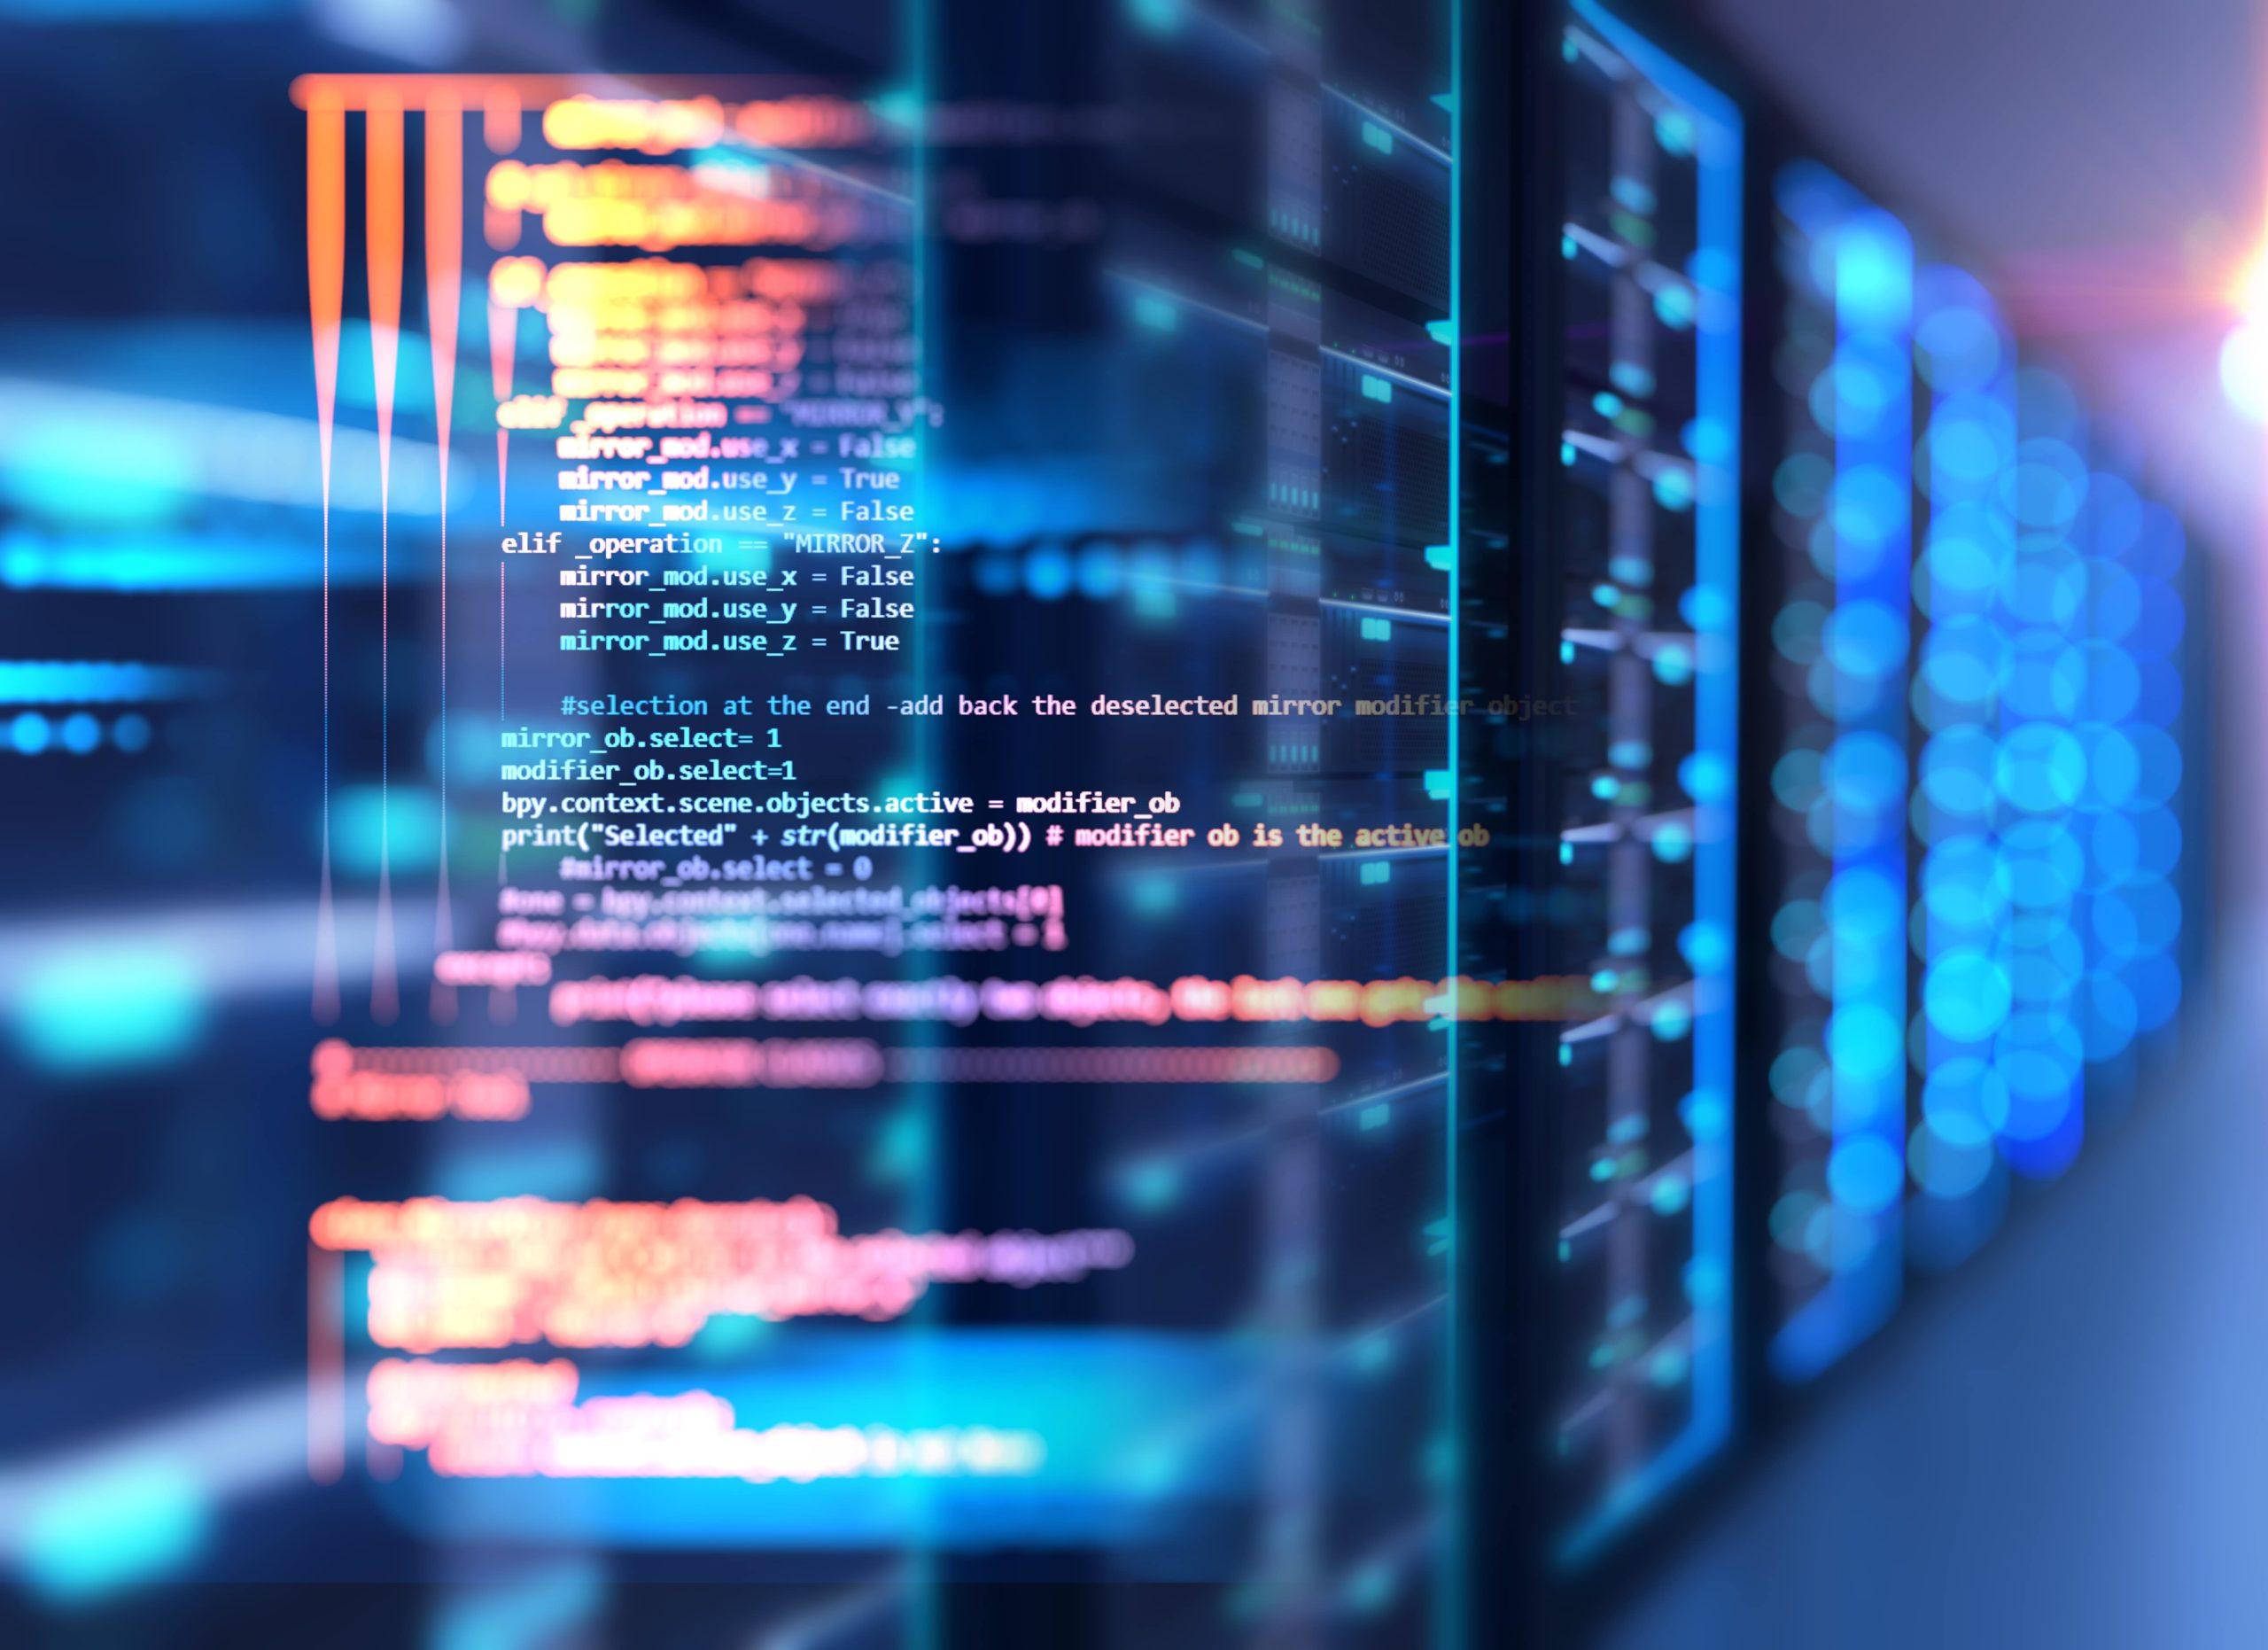 Comment minimiser des failles sur un parc informatique